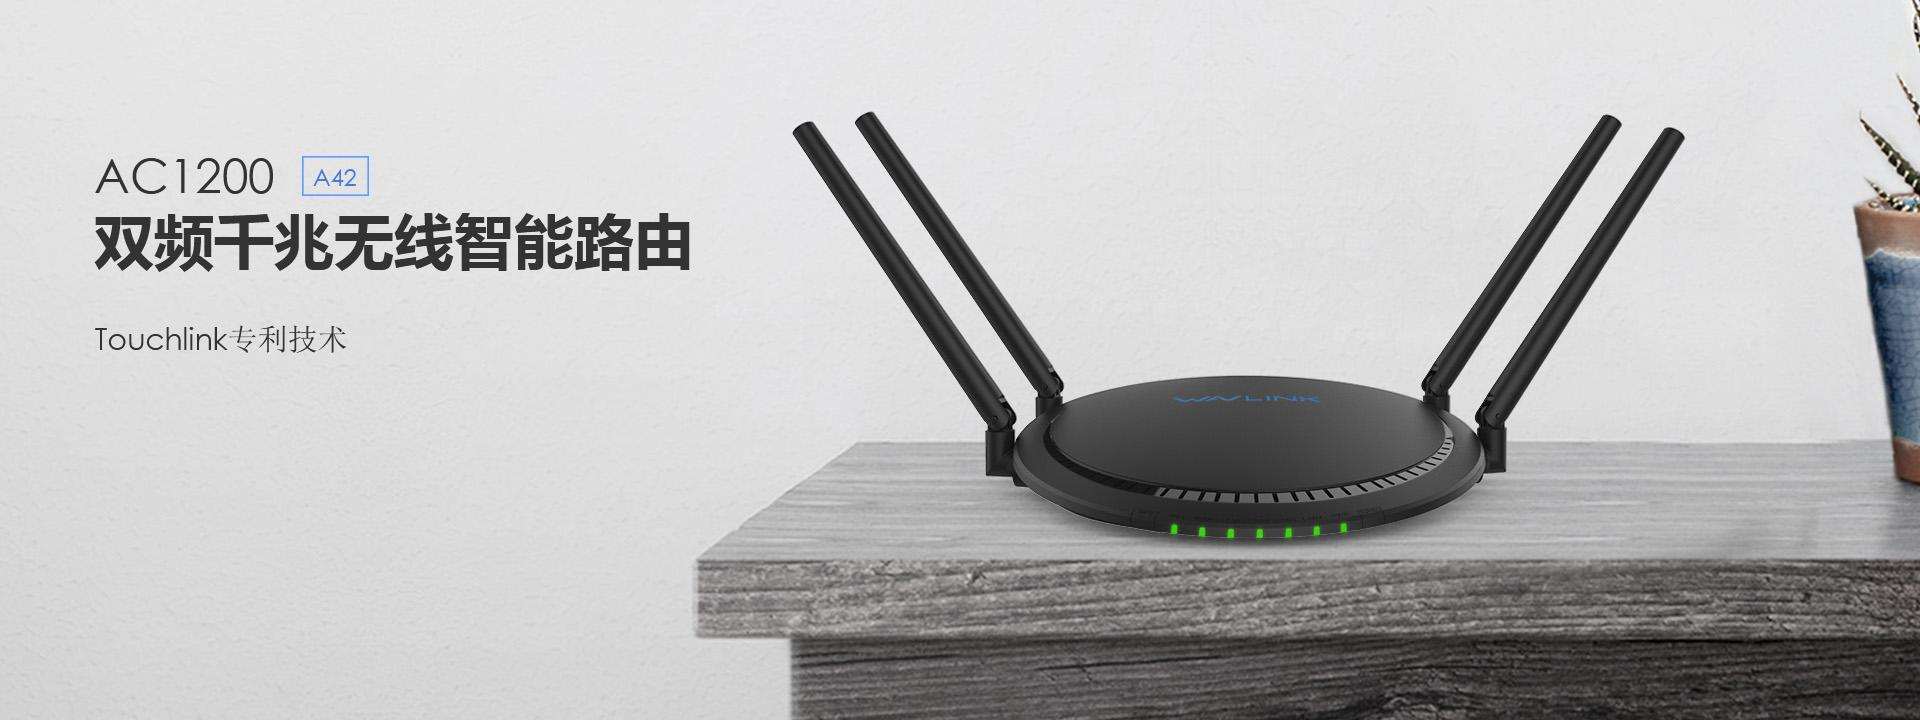 Touchlink系列1200M双频千兆路由器